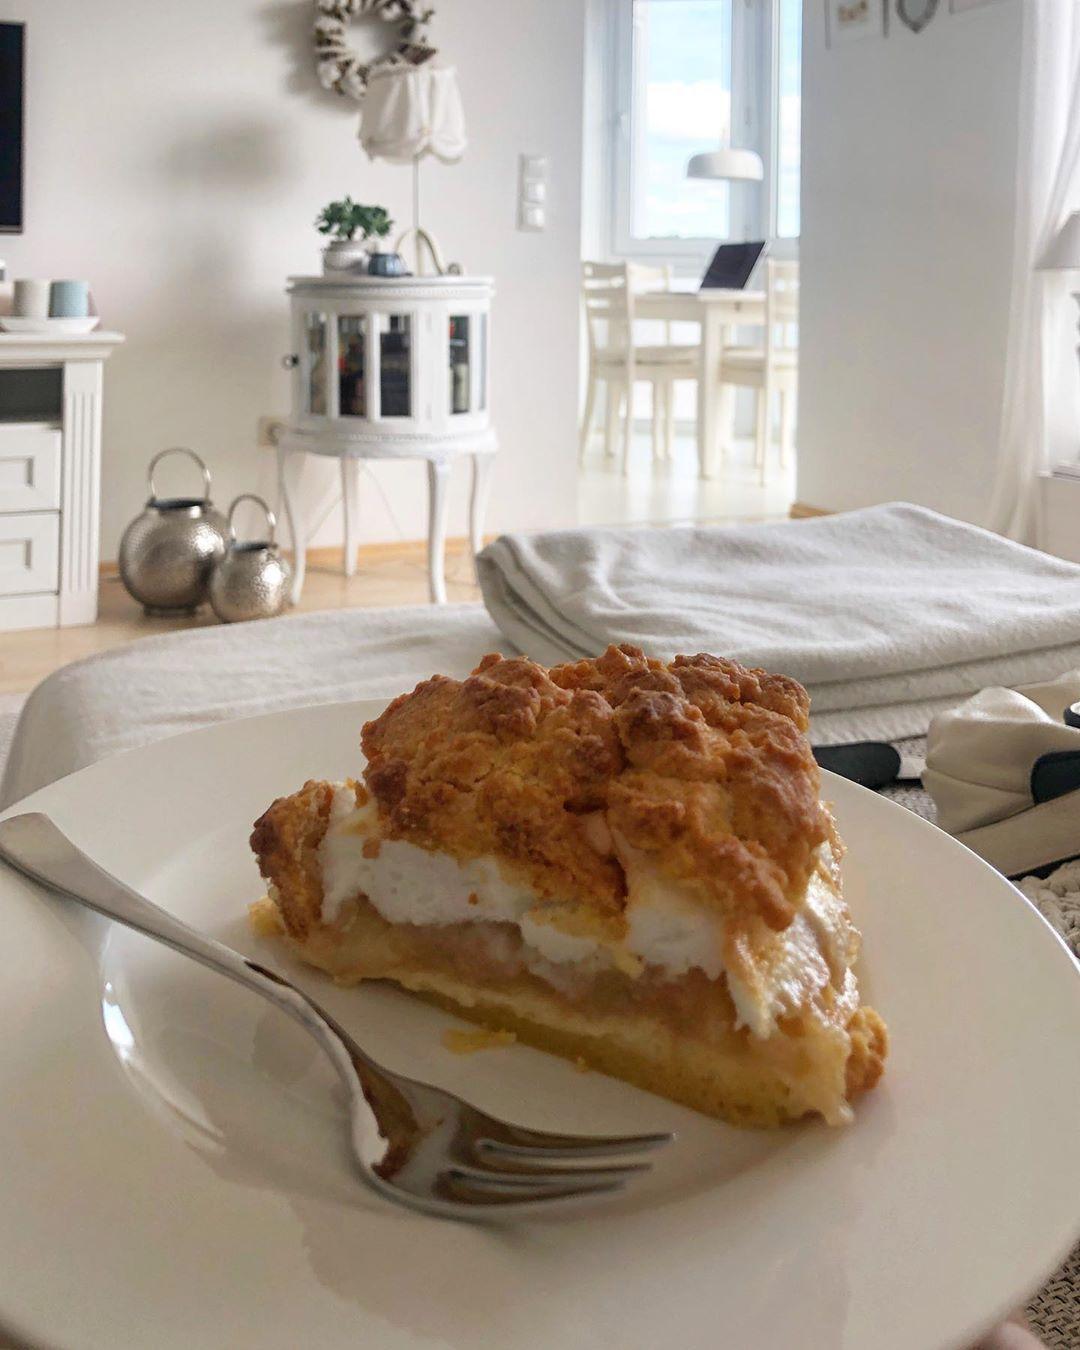 Najlepsze ciasto z jablkami tylko u @marcepanek321 🤤😍🙌🏼